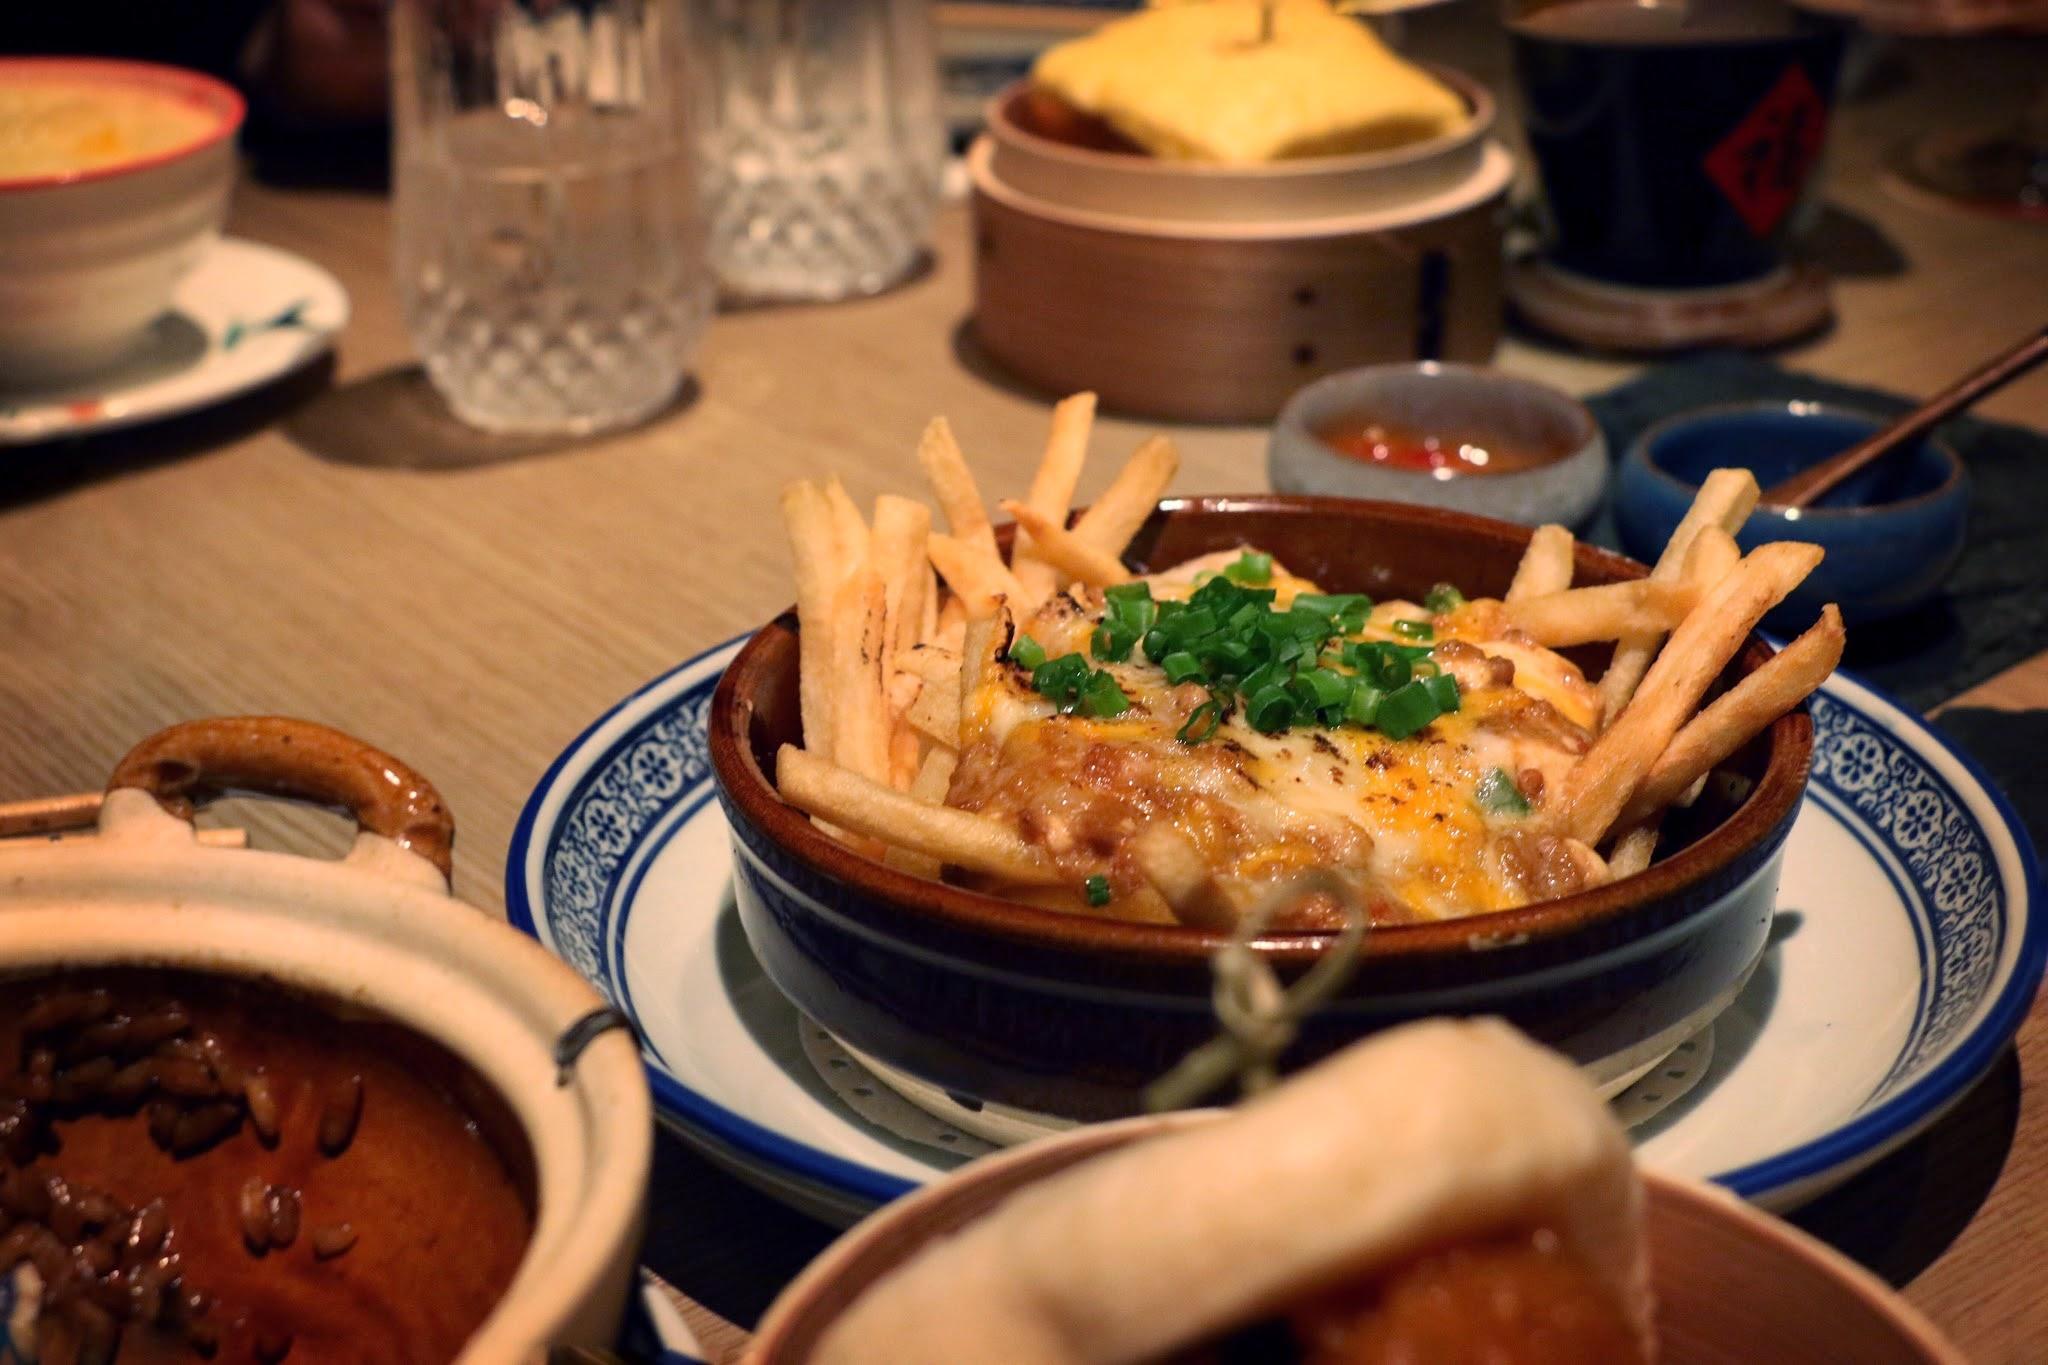 Bao Bei, Mapo Tofu Fries, Poutine